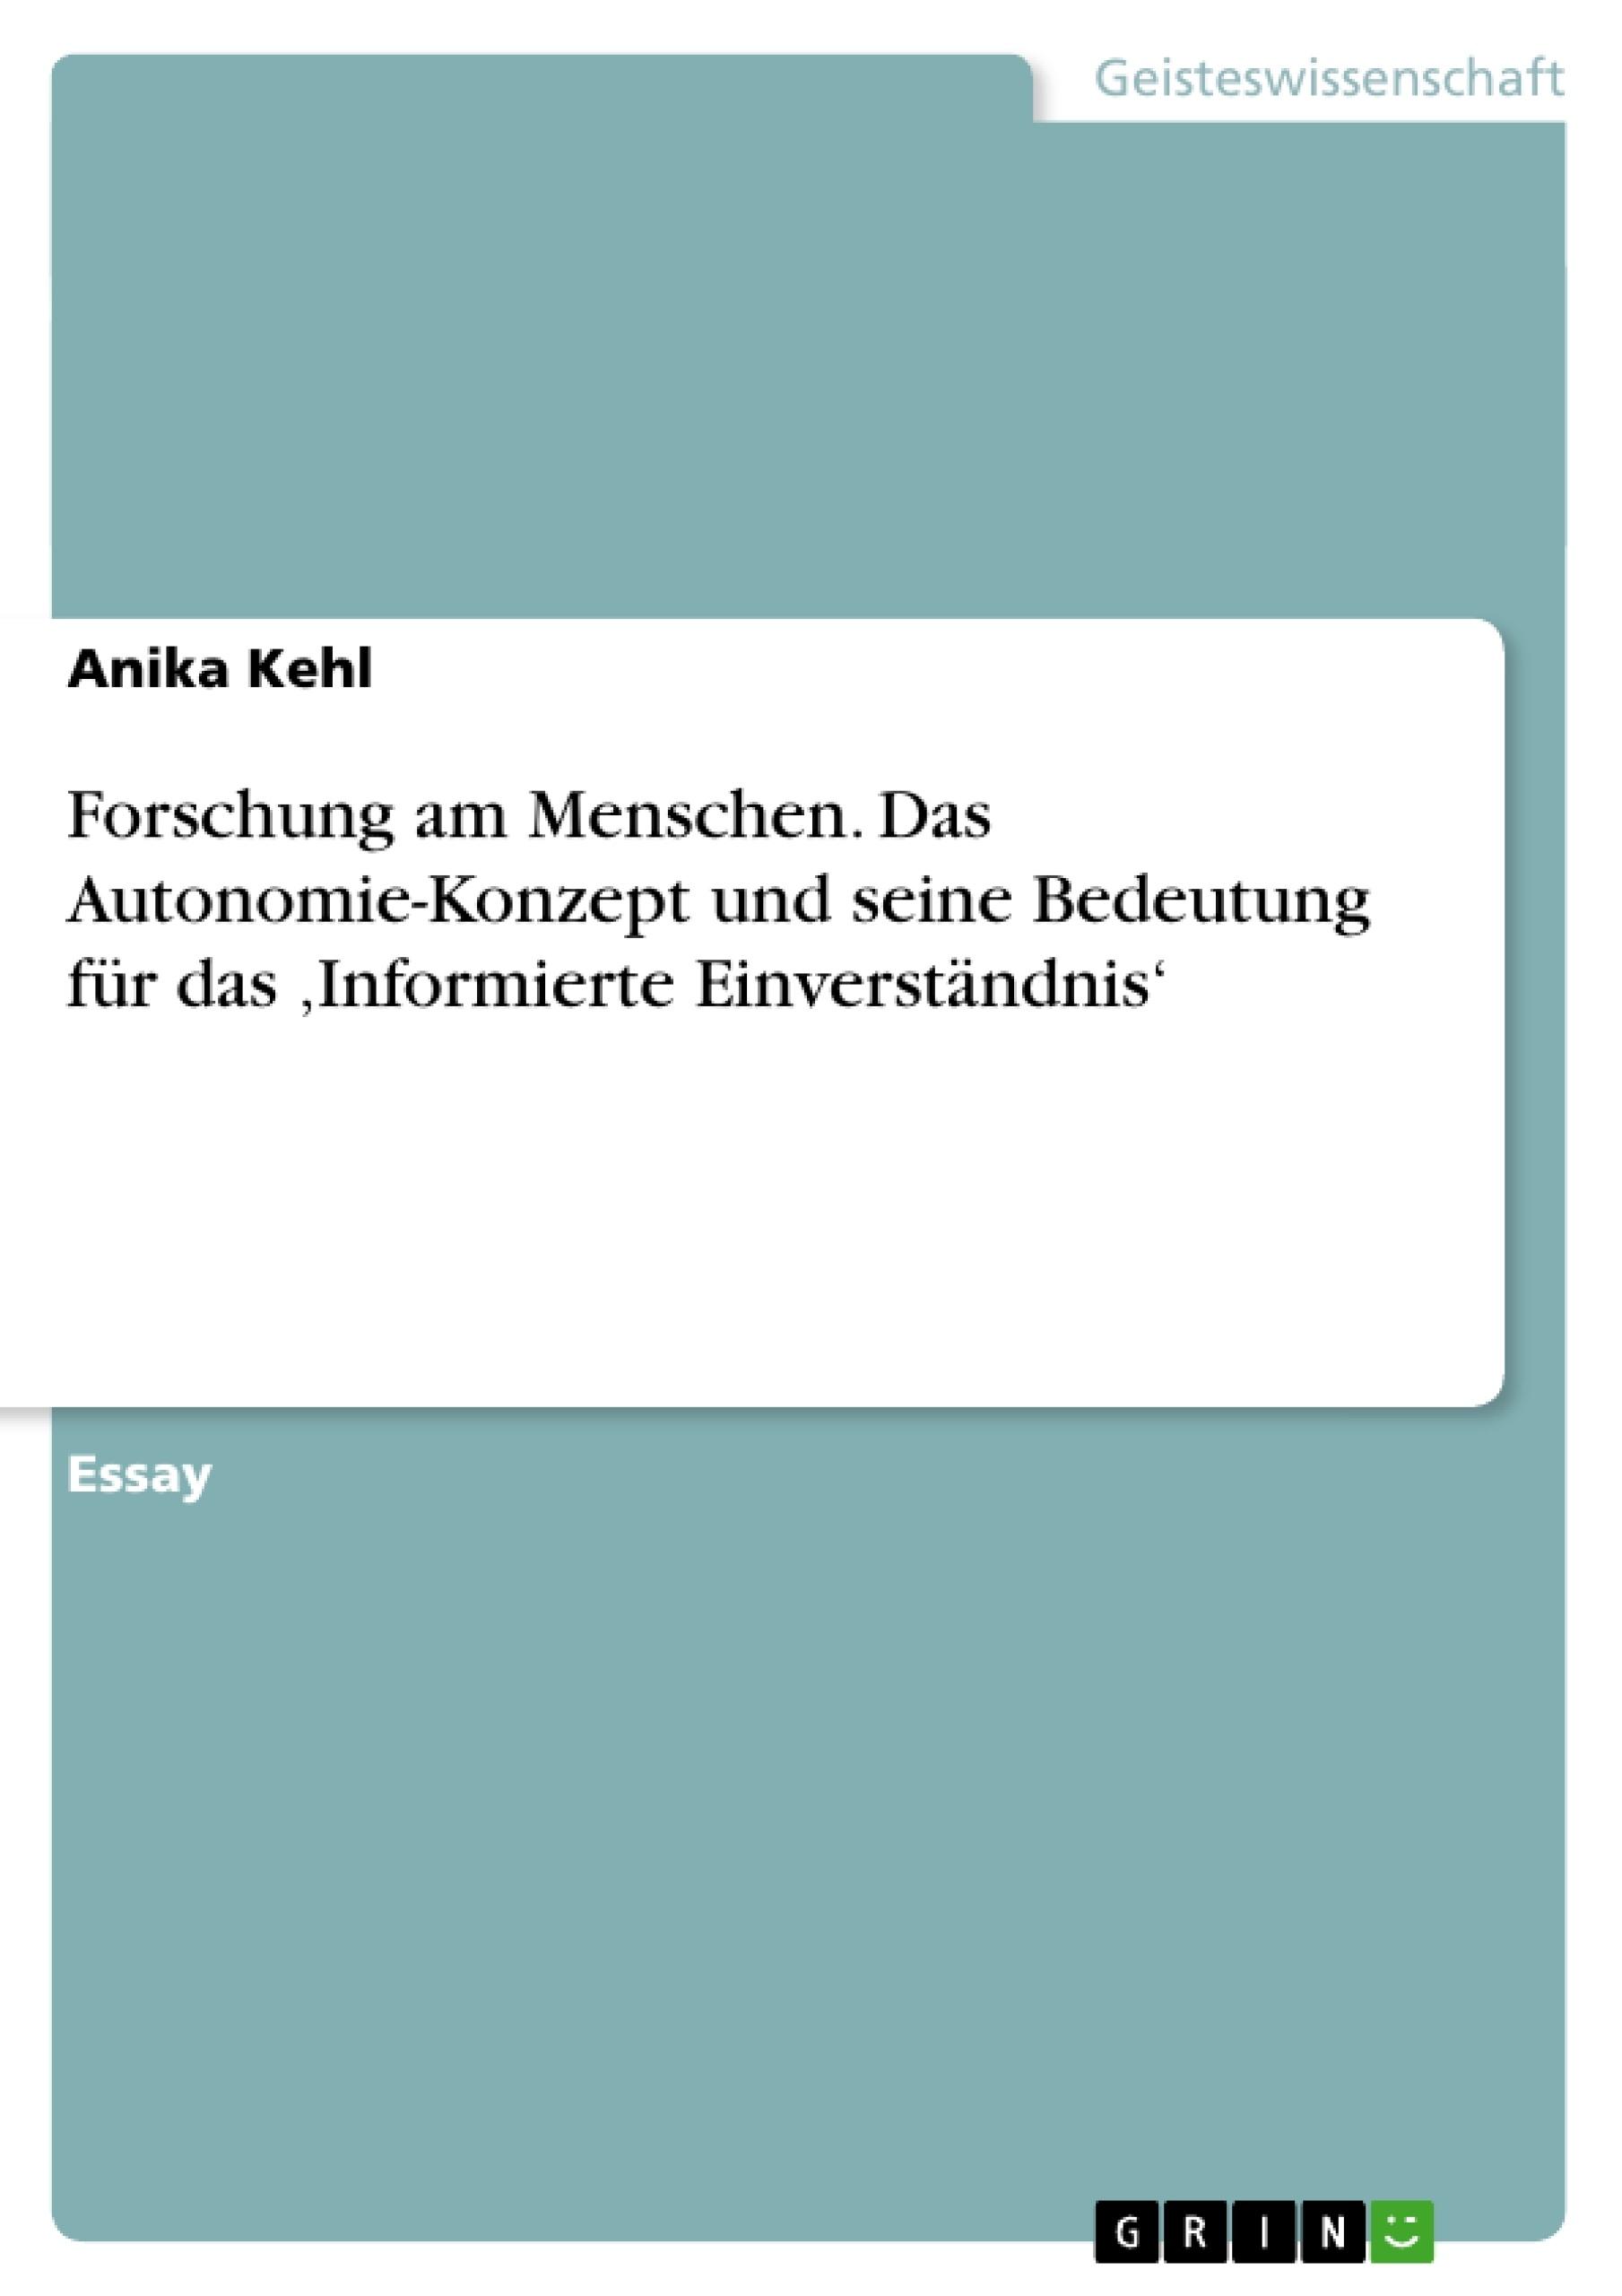 Titel: Forschung am Menschen. Das Autonomie-Konzept und seine Bedeutung für das 'Informierte Einverständnis'